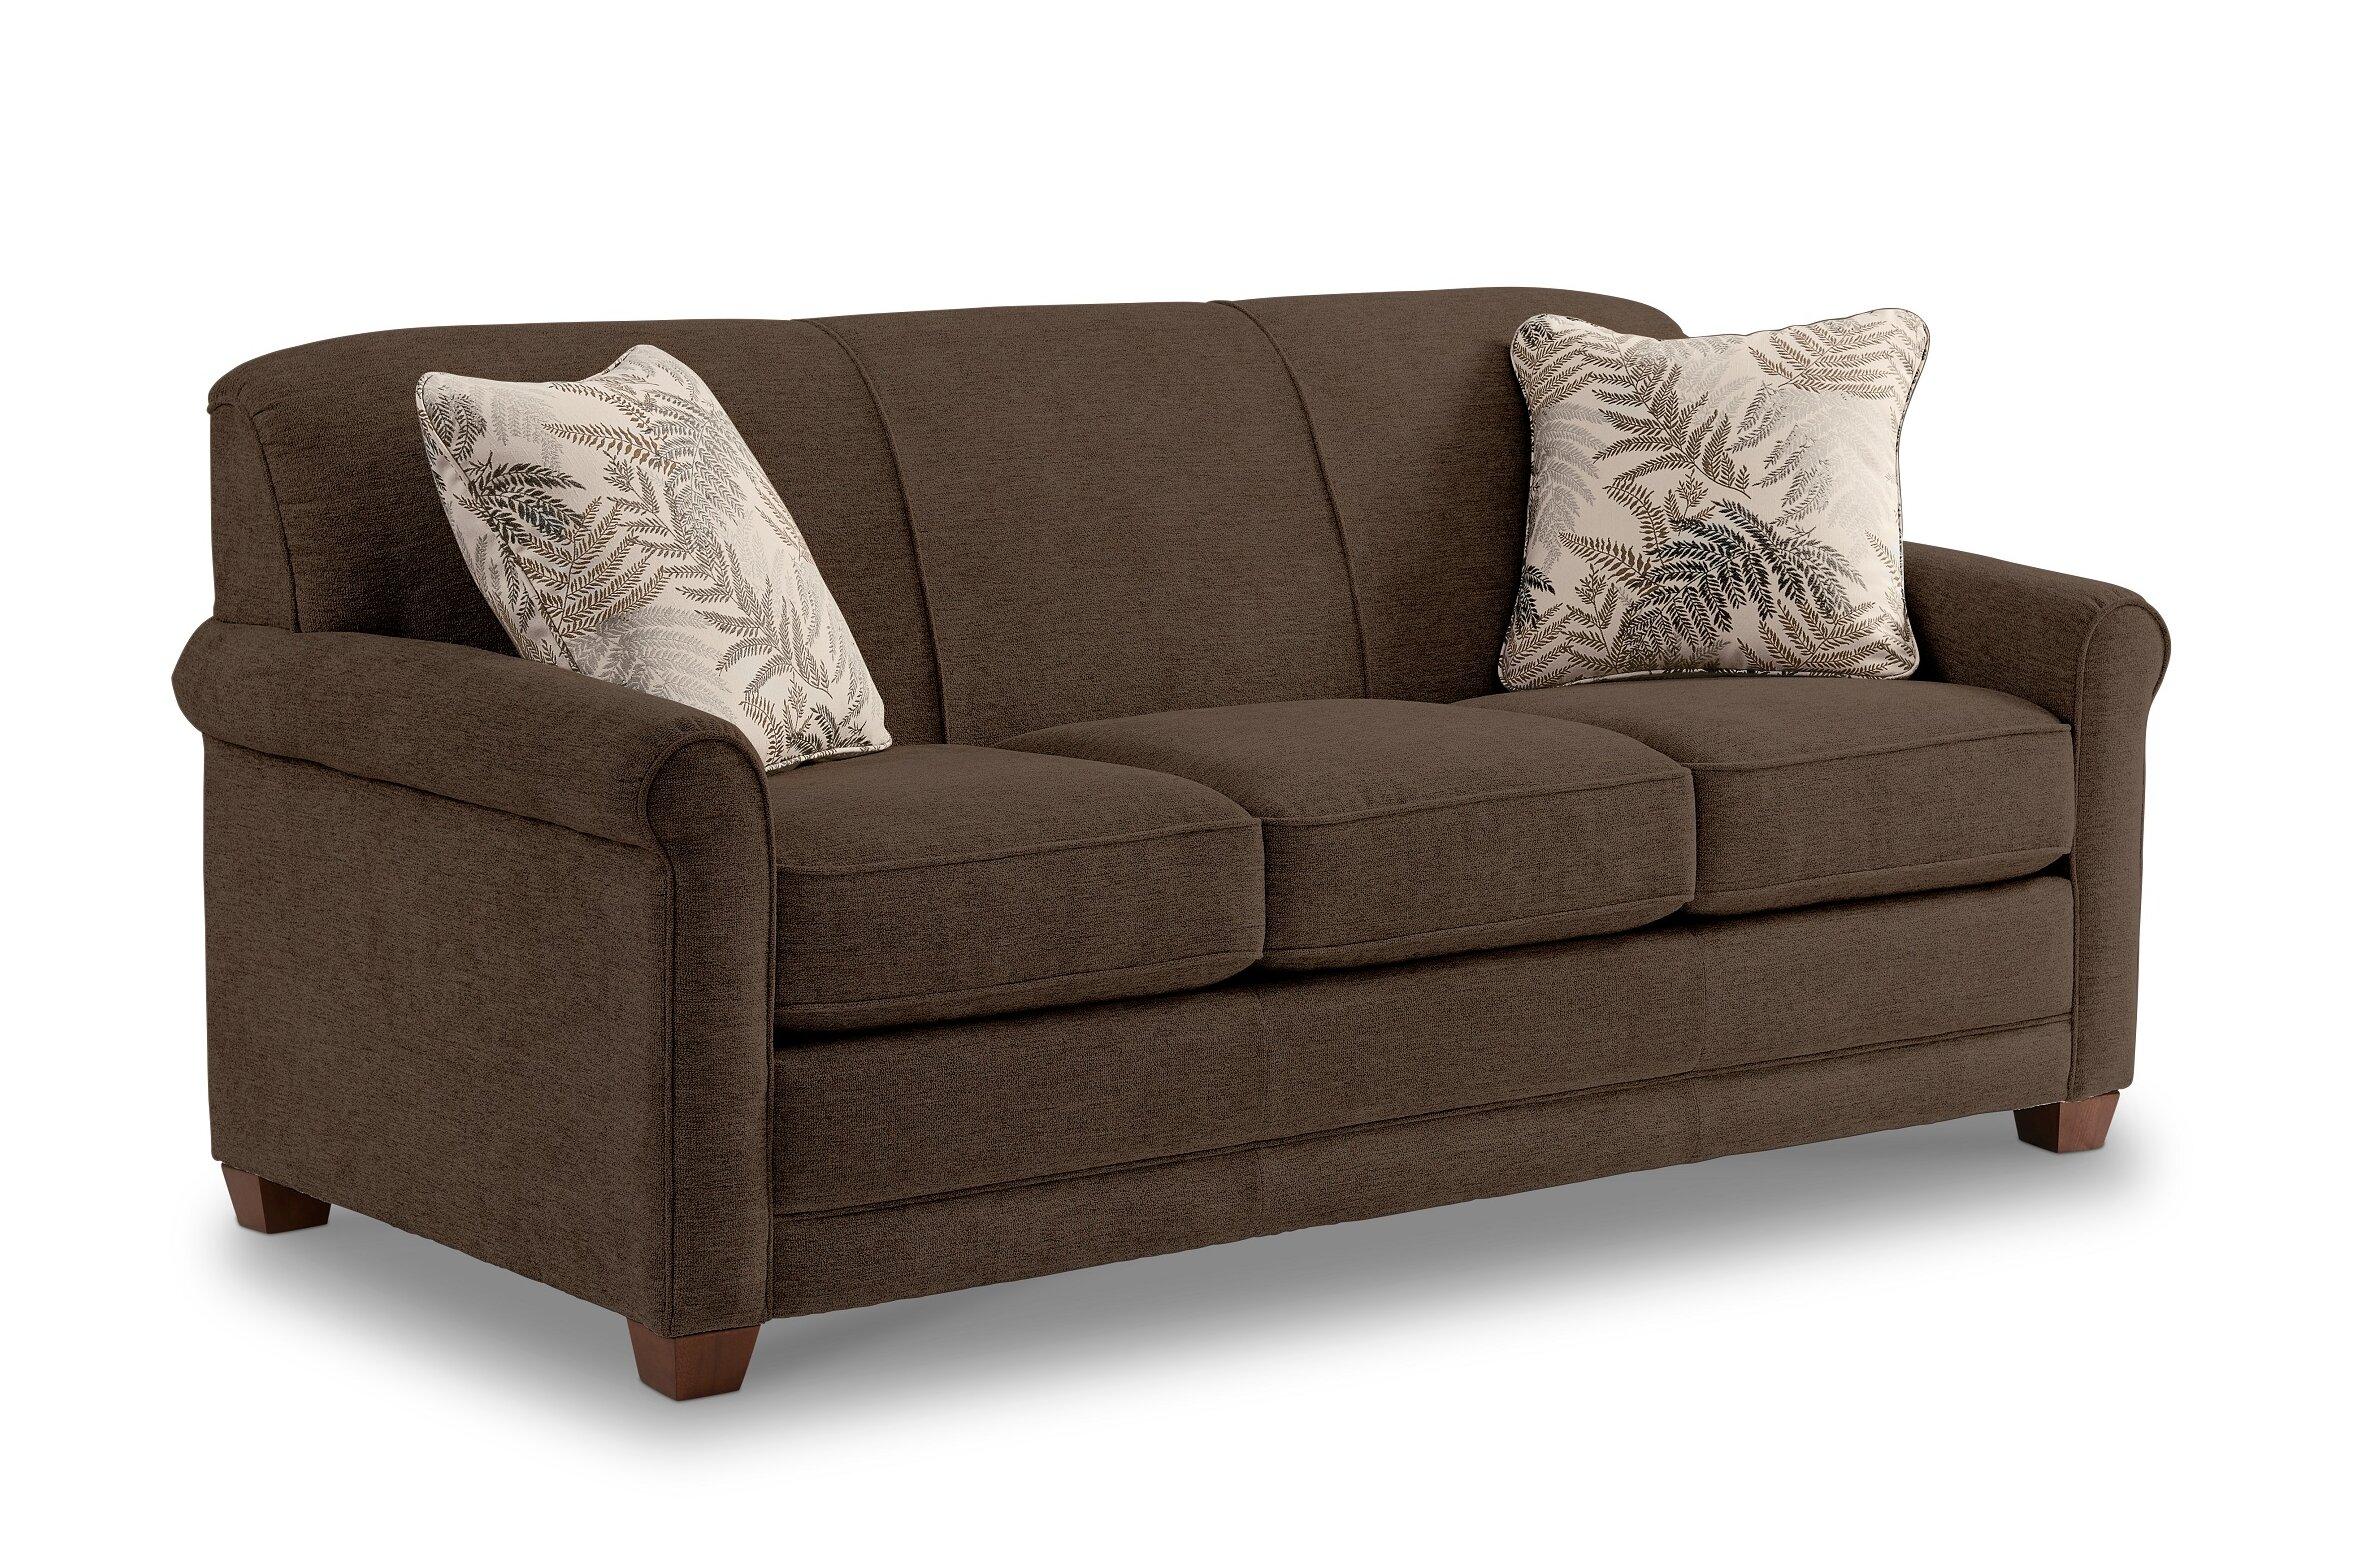 La Z Boy Amanda 79 Round Arms Sofa Bed